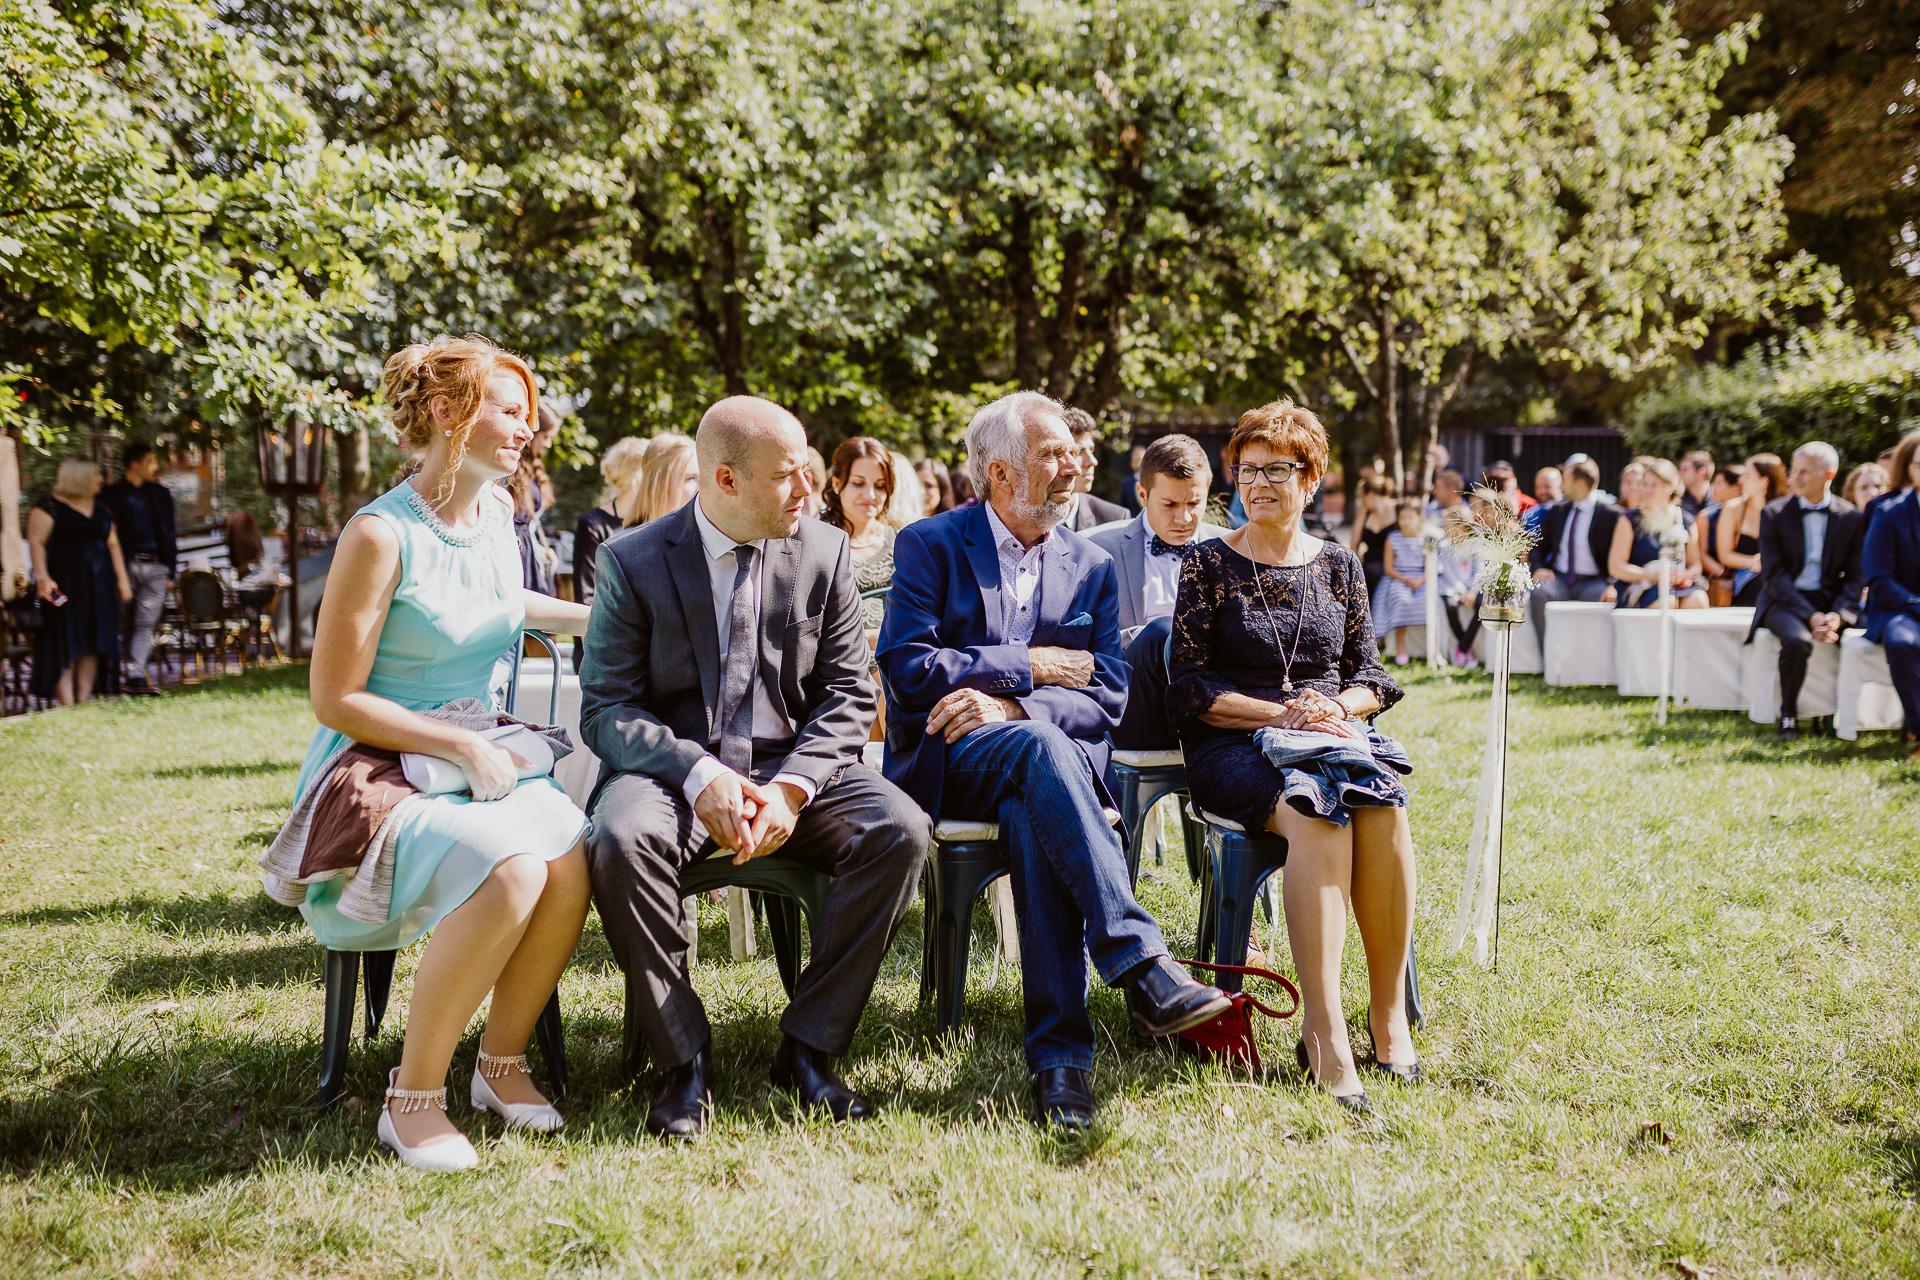 Alexander Utz, Fotografie, Hochzeit, Augsburg, Brautkleid, Brautstrauss-102